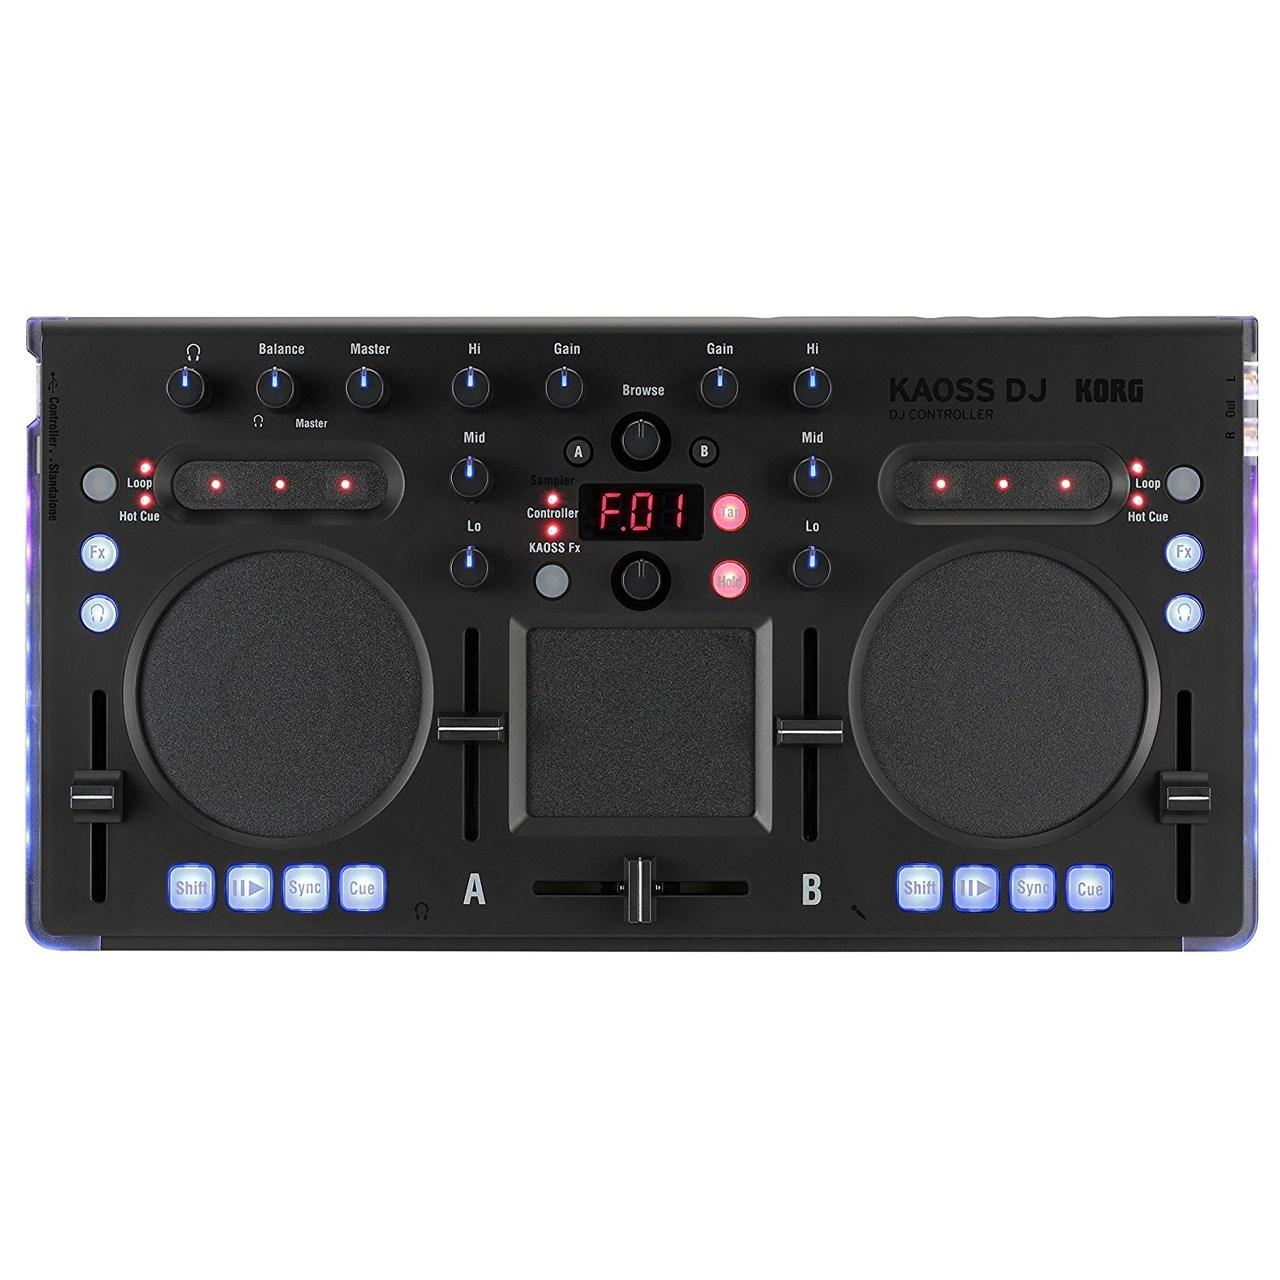 دی جی کنترلر  کرگ مدل Kaoss DJ